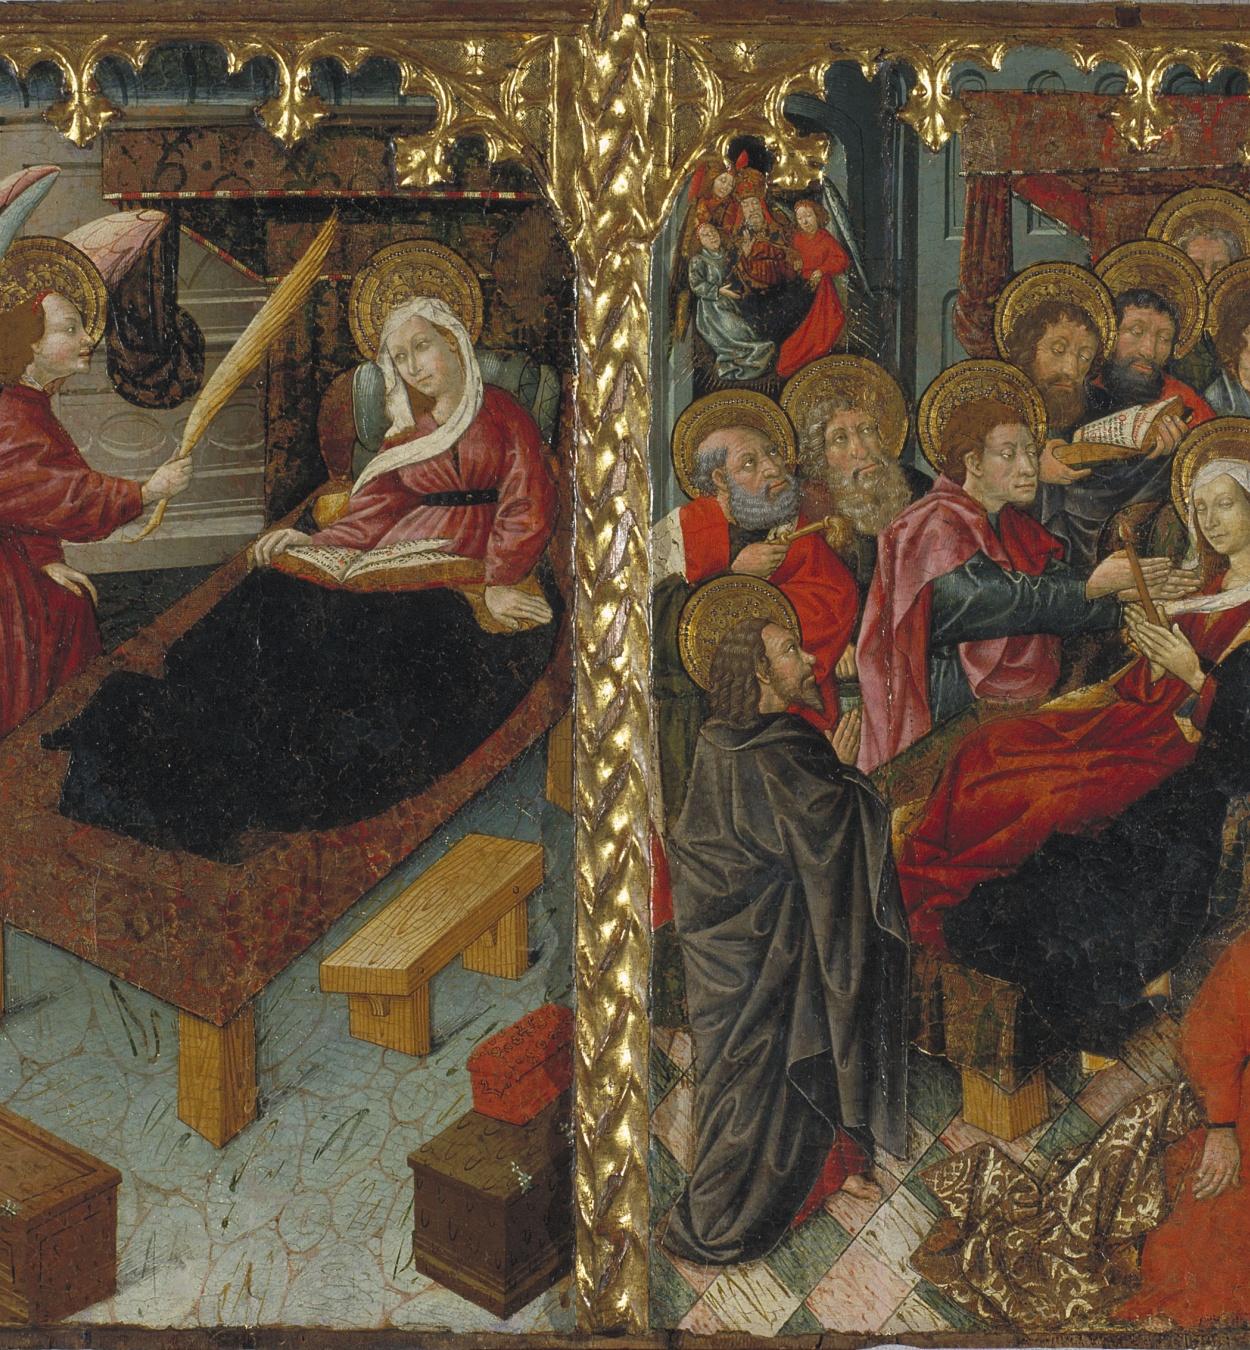 Mestre de Riglos - Anunci de la mort de la Mare de Déu; Dormició de la Mare de Déu - Cap a 1440-1460